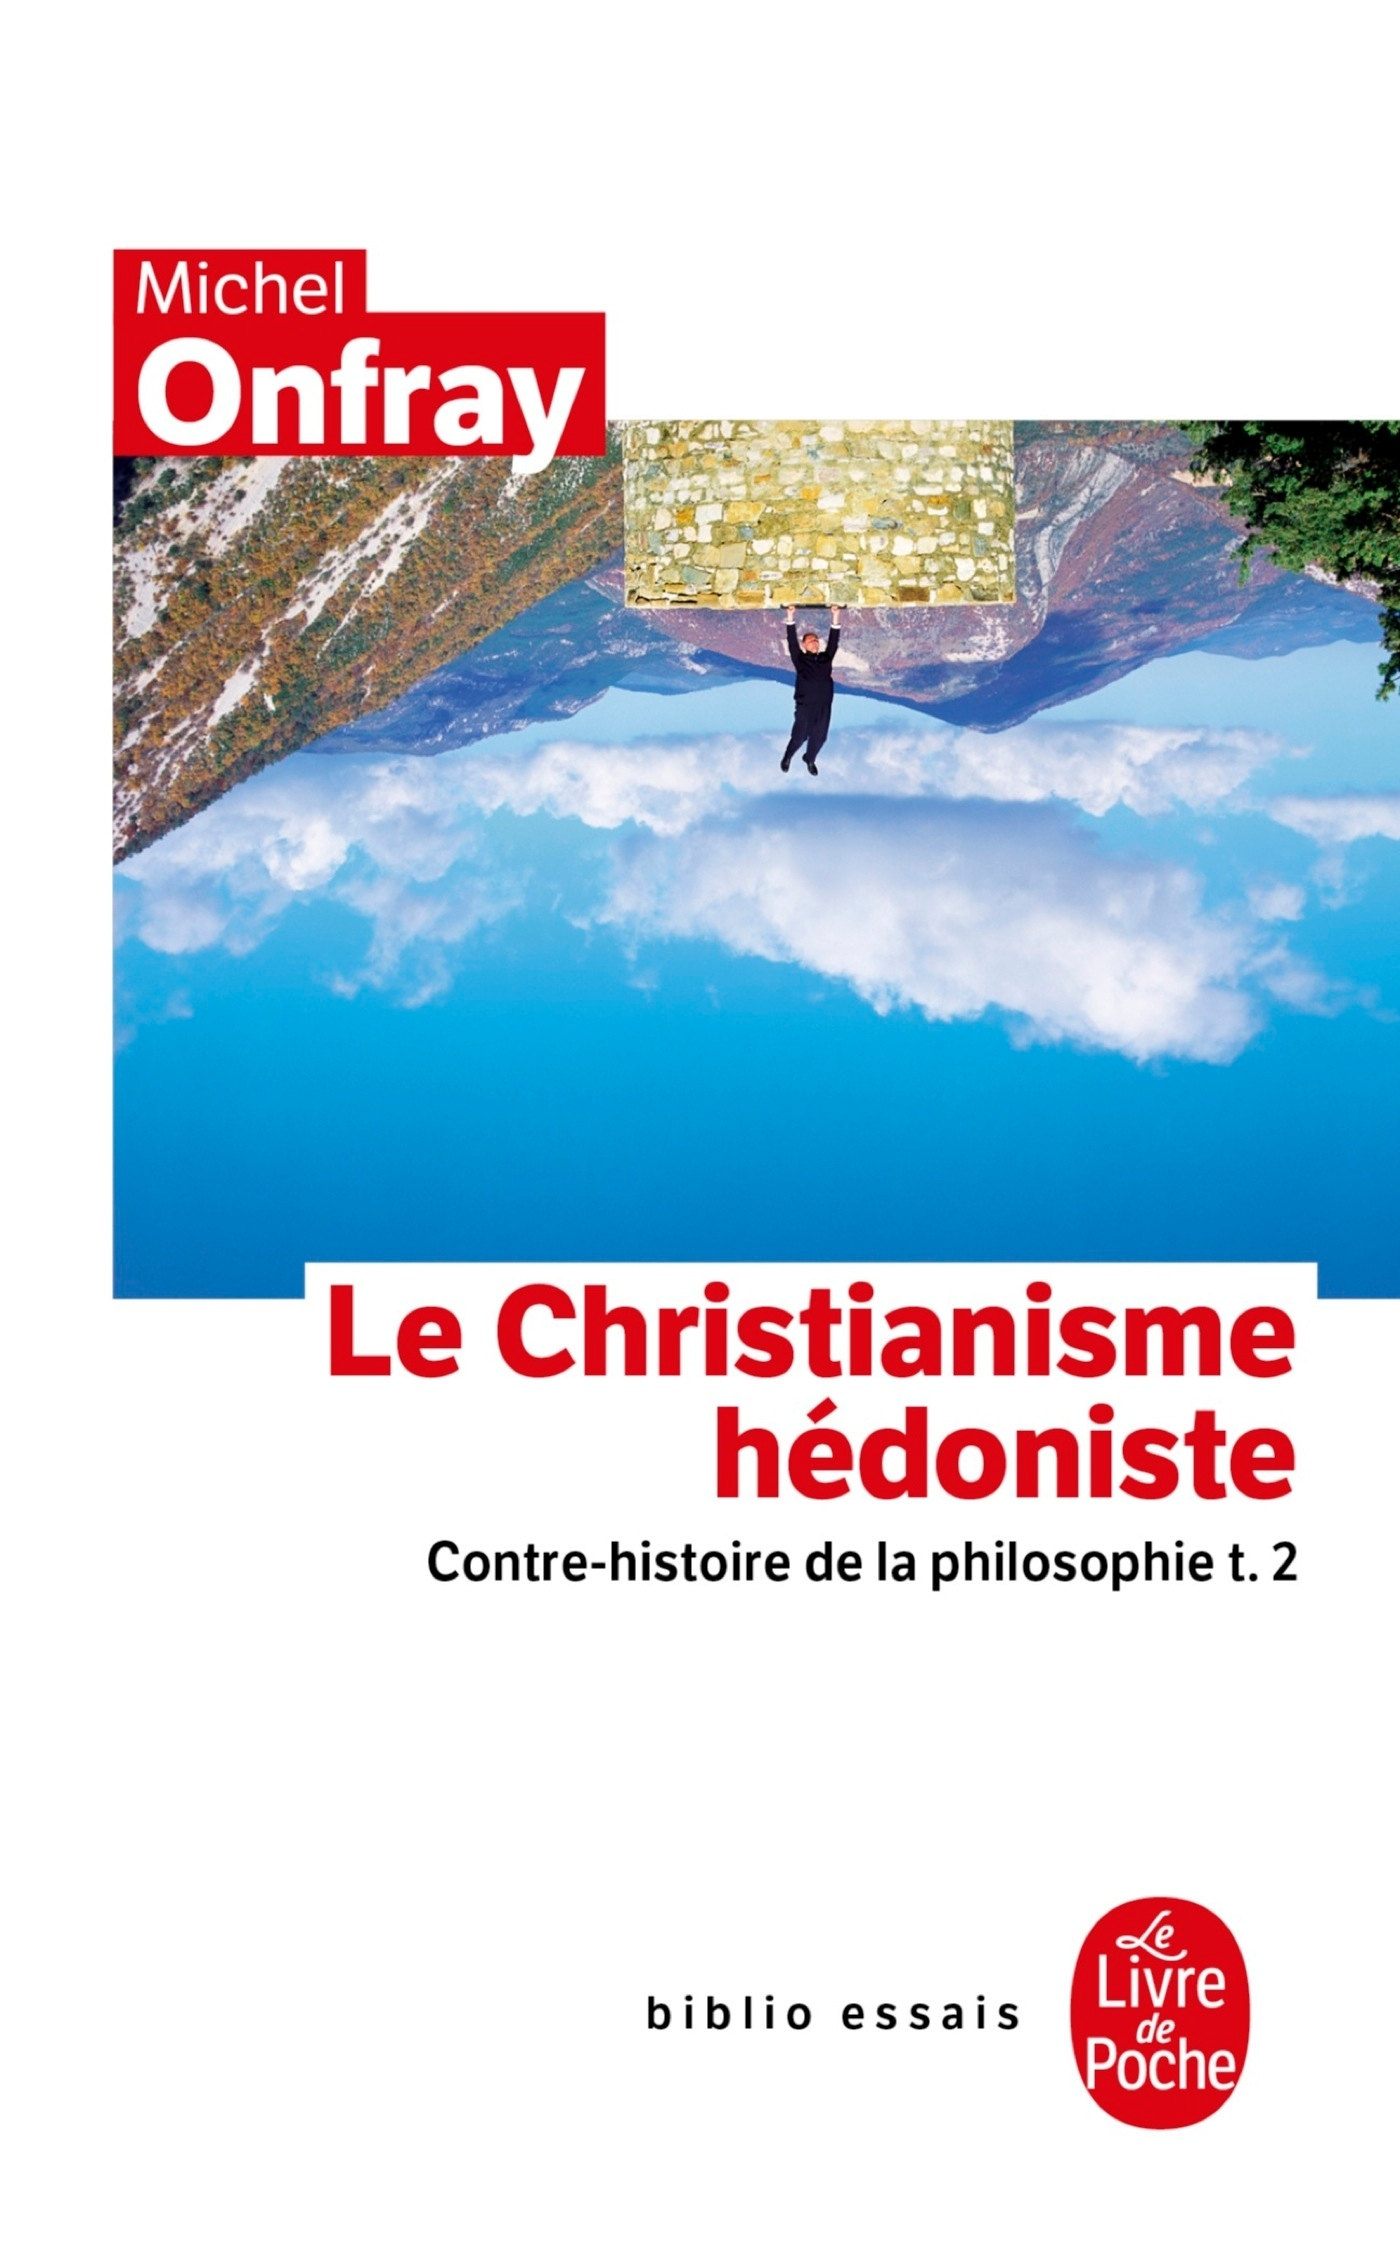 CONTRE-HISTOIRE DE LA PHILOSOPHIE TOME 2 : LE CHRISTIANISME HEDONISTE